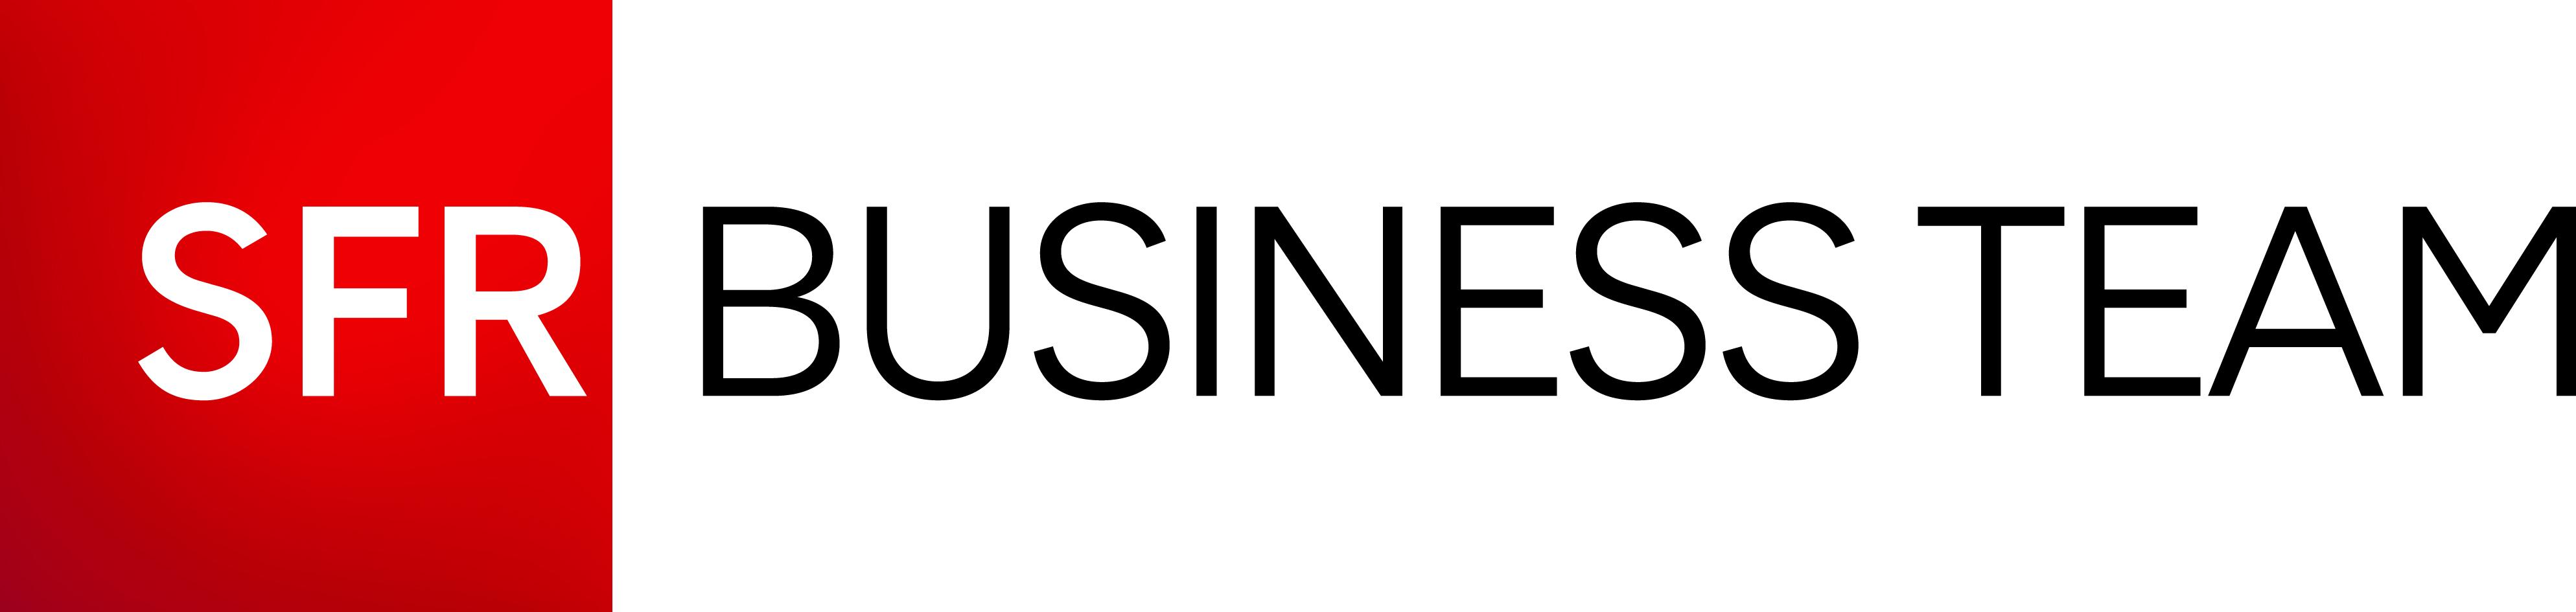 SFR Business Team